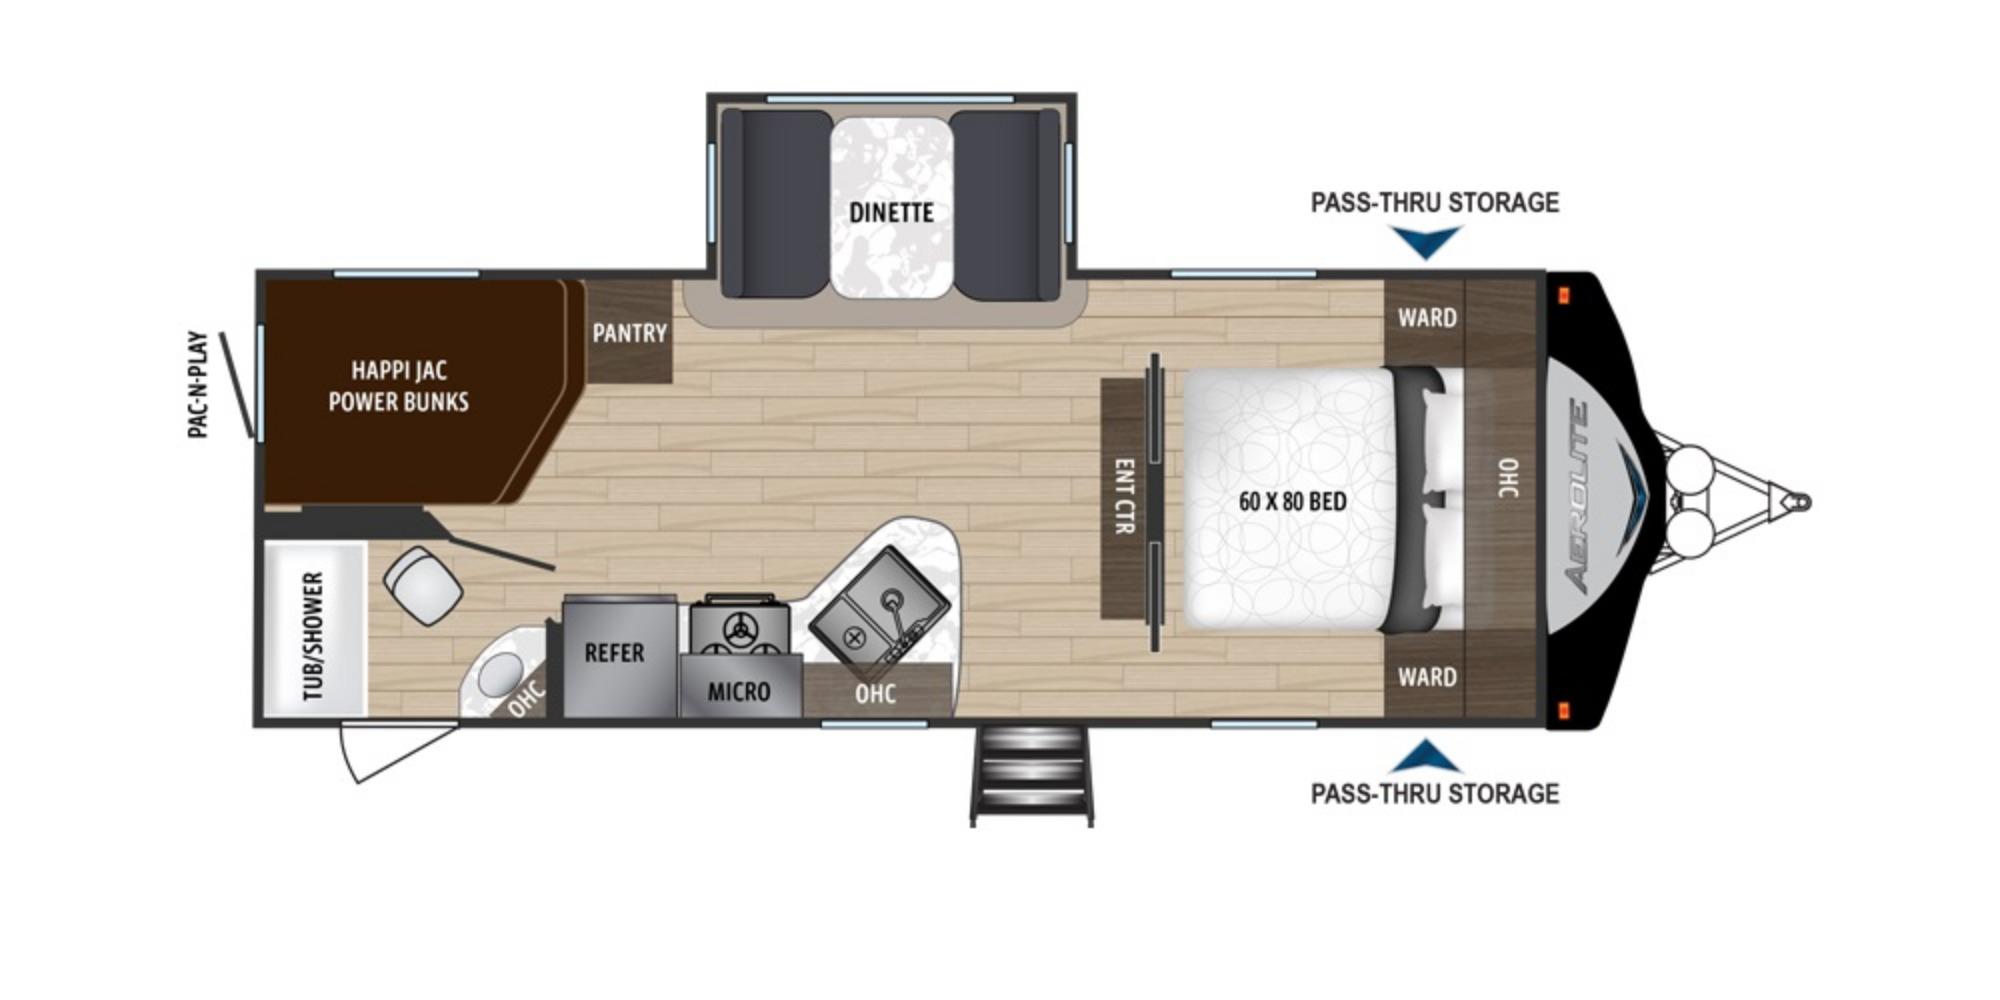 View Floor Plan for 2019 DUTCHMEN AEROLITE 2423BH